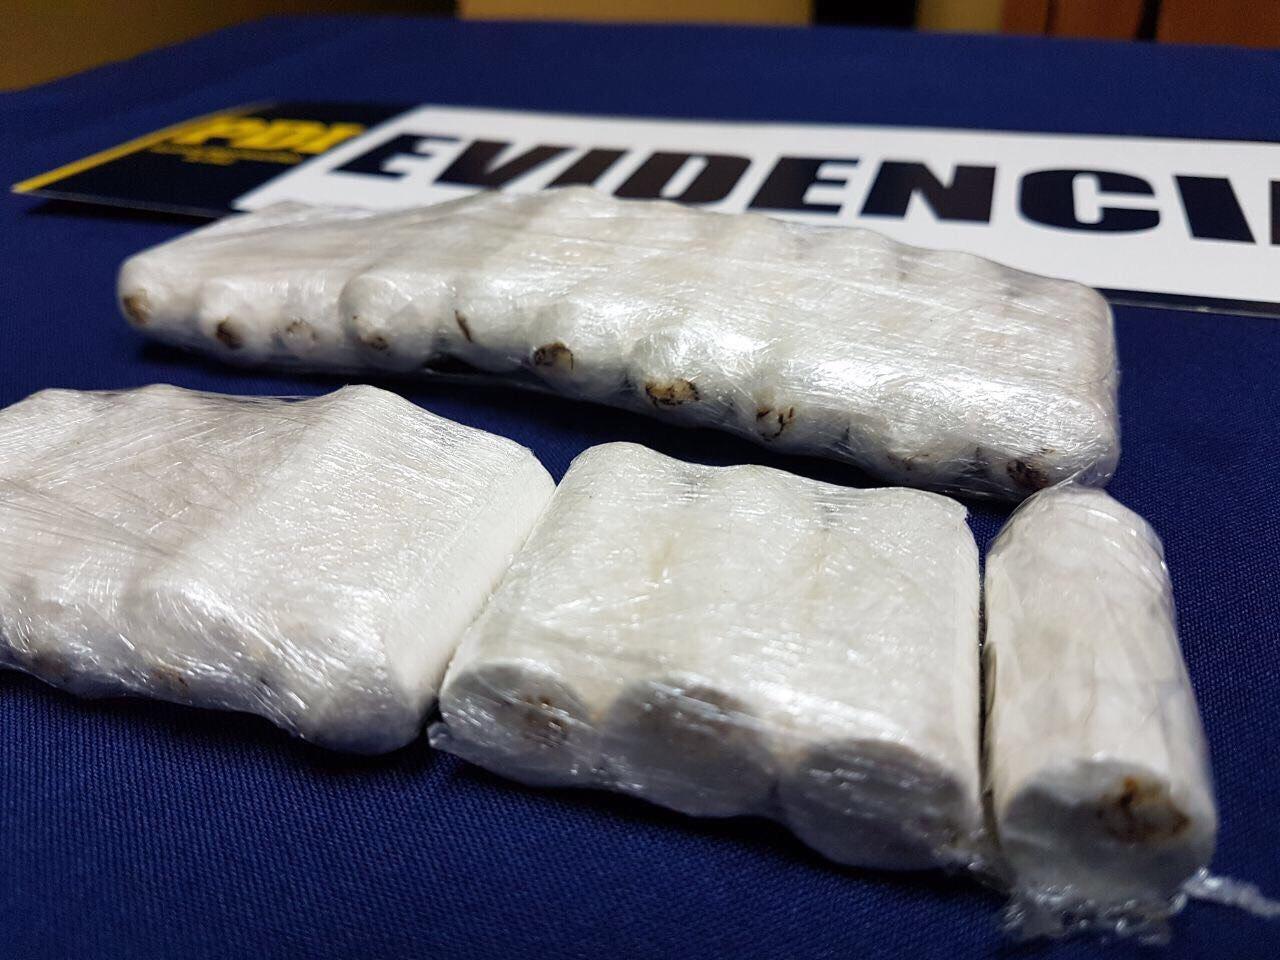 Pareja de colombianos fue detenida en el Terminal O'Higgins: Portaban casi $2 millones en ovoides de cocaína